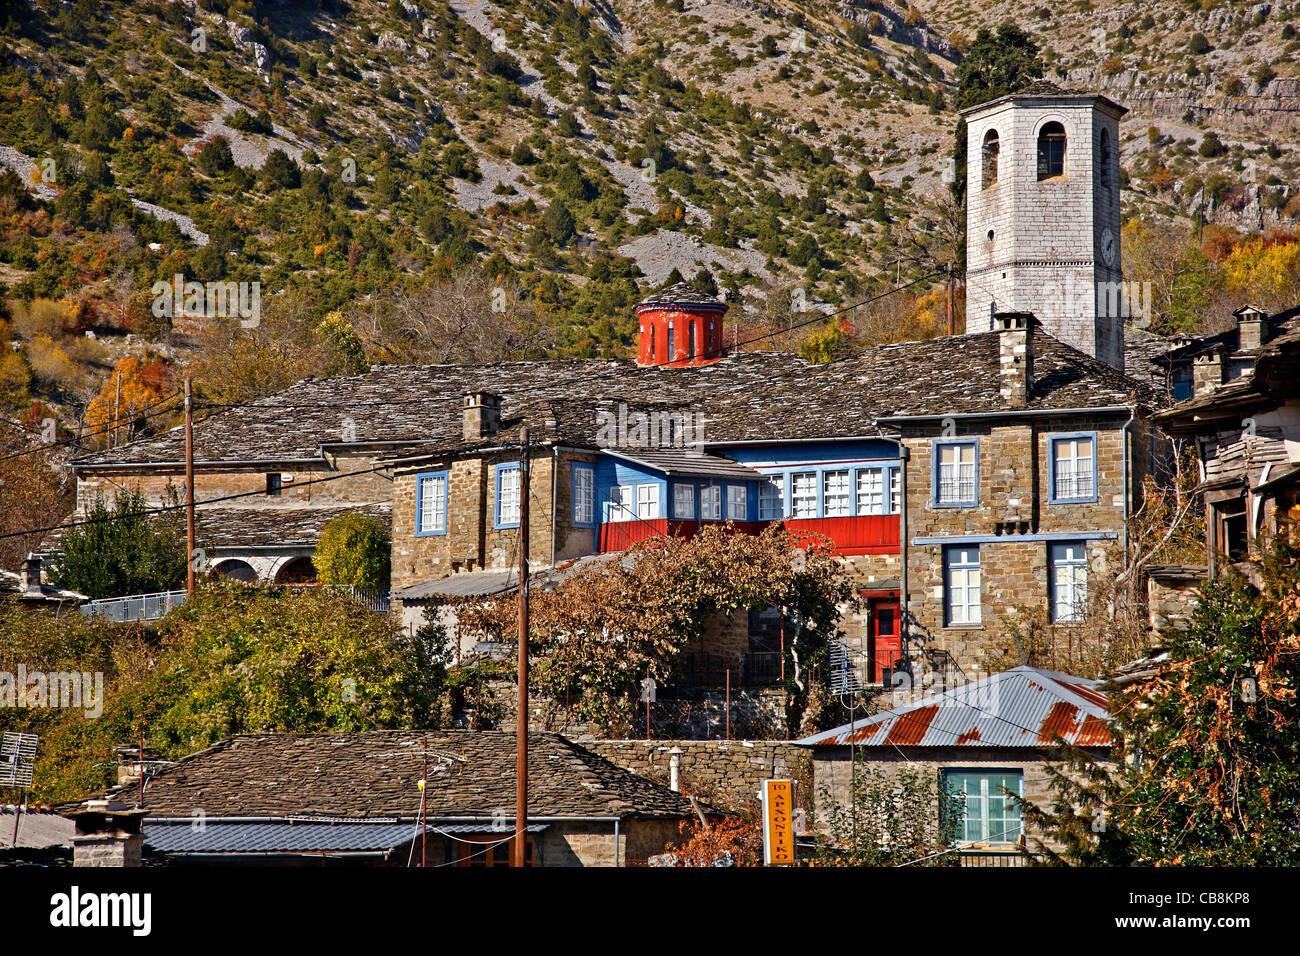 À partir de détails (Tsepolovo village, l'un des plus beaux villages de montagne grecque. Région Photo Stock